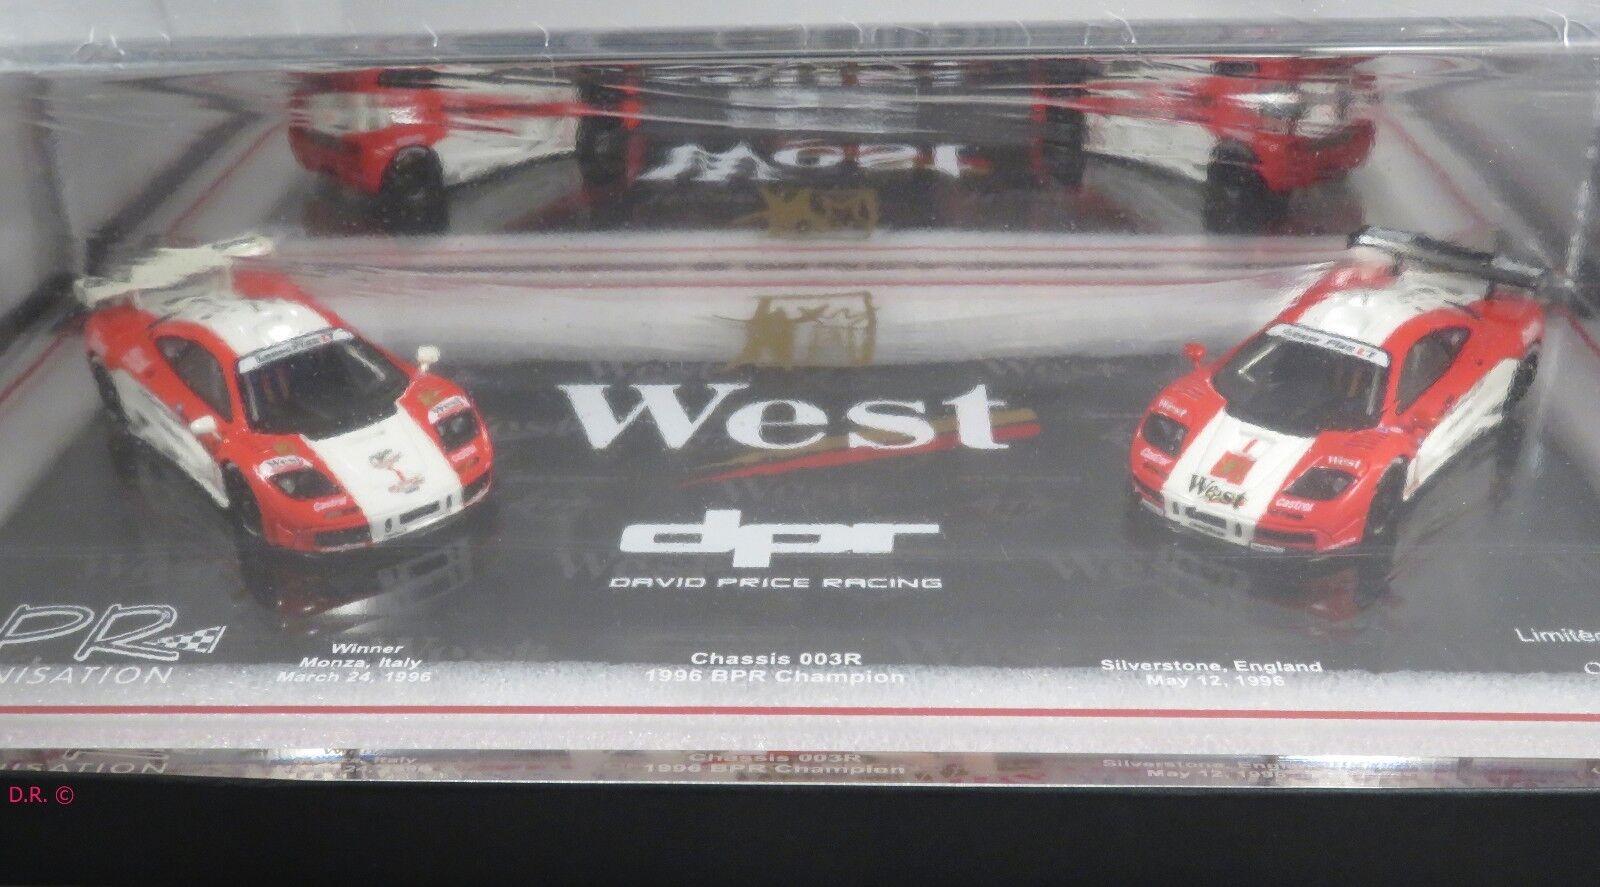 MCLAREN F1 GTR  1 DAVID PRICE WEST 1996 BPR Champion MONZA 25p SET AUTOBARN 1:43